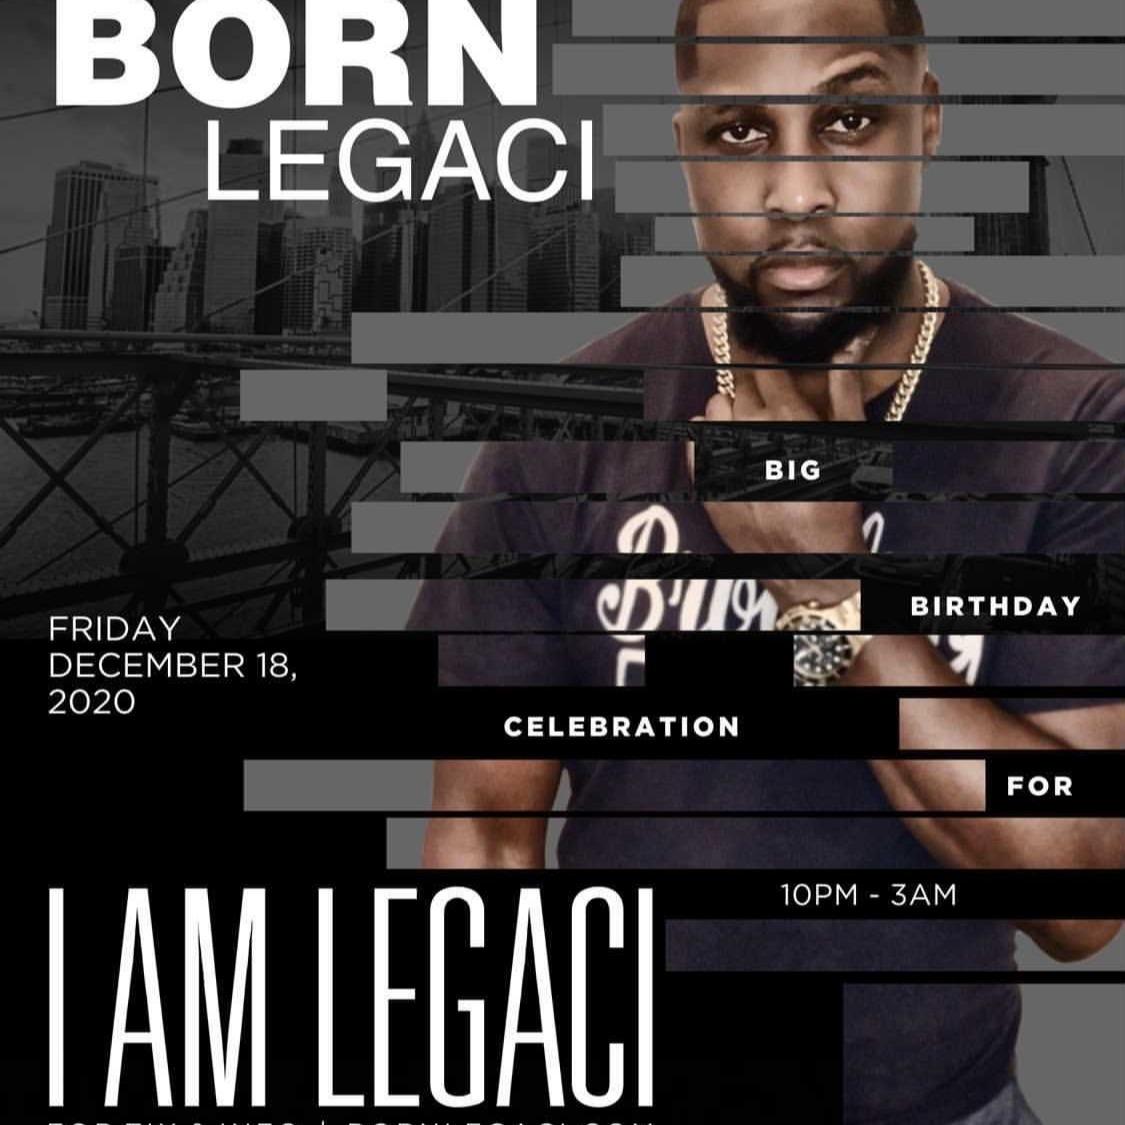 THE BORN LEGACI | Big Birthday Celebration for I AM LEGACI